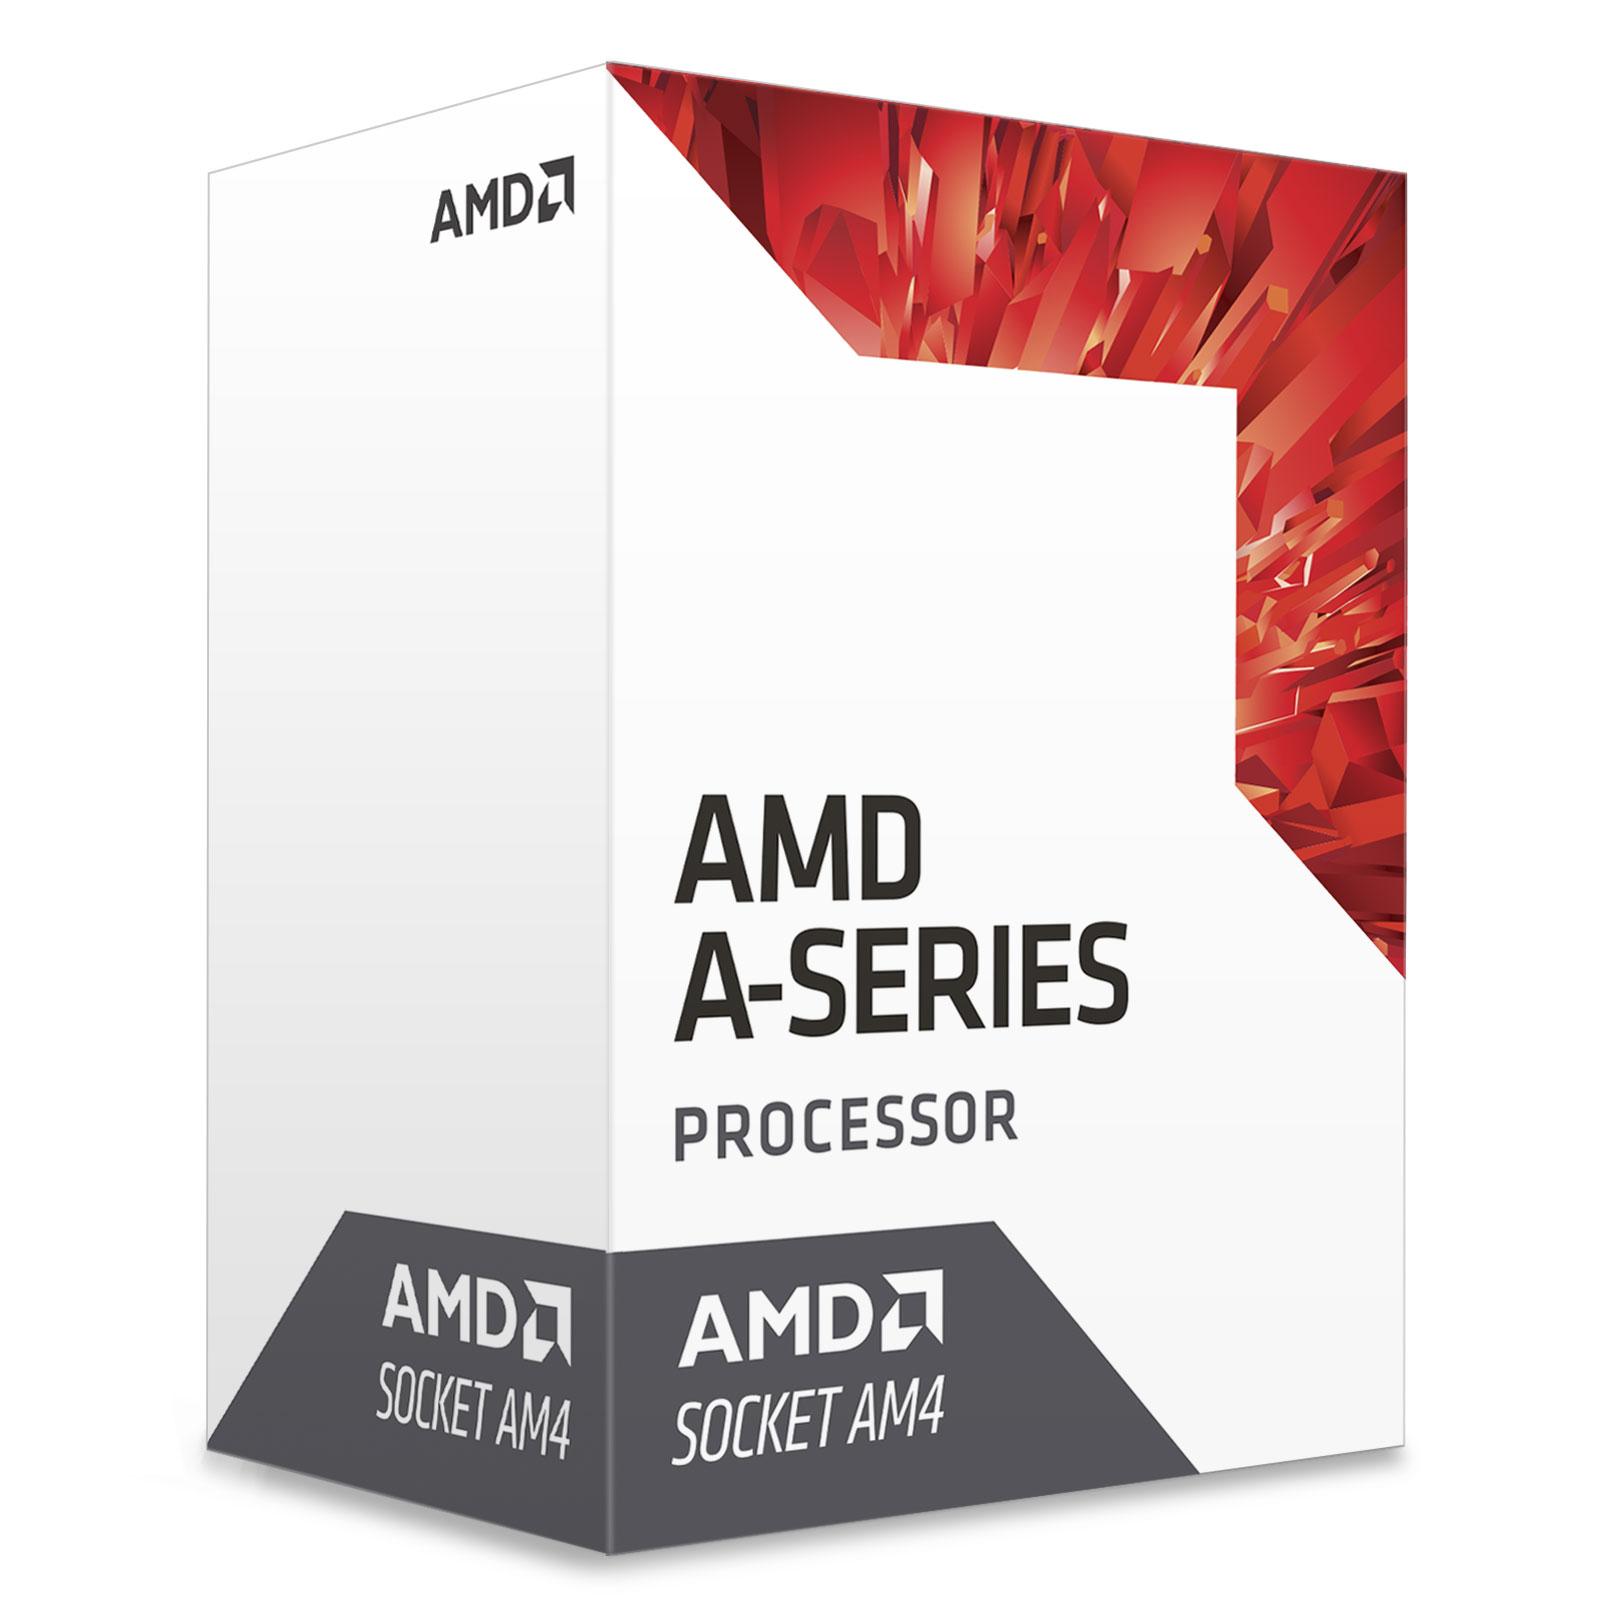 Processeur AMD A10-9700 (3.5 GHz) Processeur Quad Core socket AM4 Cache L2 2 Mo Radeon R7 series 0.028 micron TDP 65W (version boîte - garantie constructeur 3 ans)